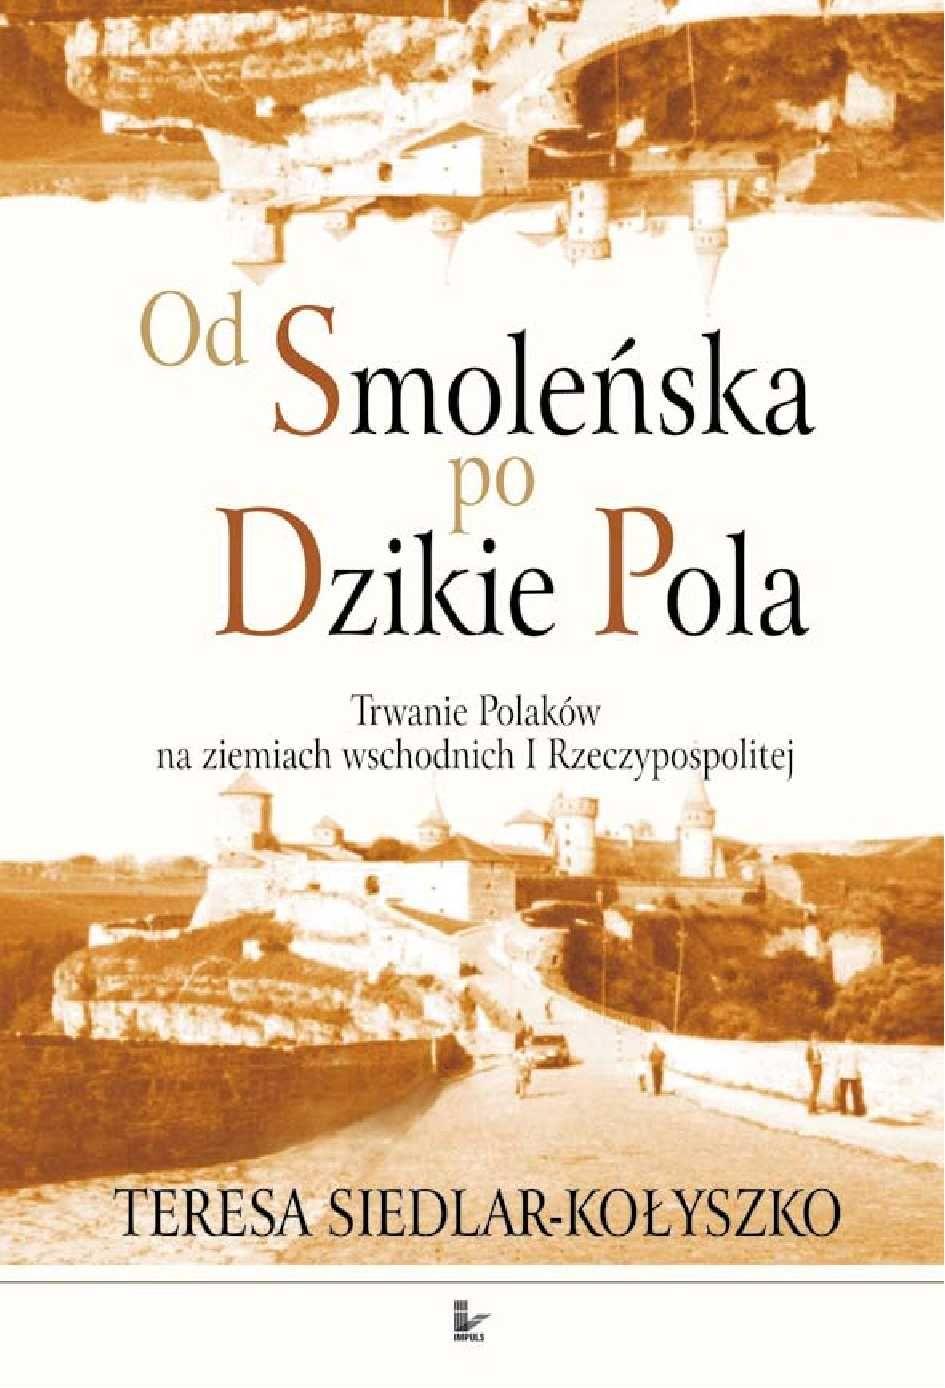 Od Smoleńska po Dzikie Pola - Ebook (Książka PDF) do pobrania w formacie PDF